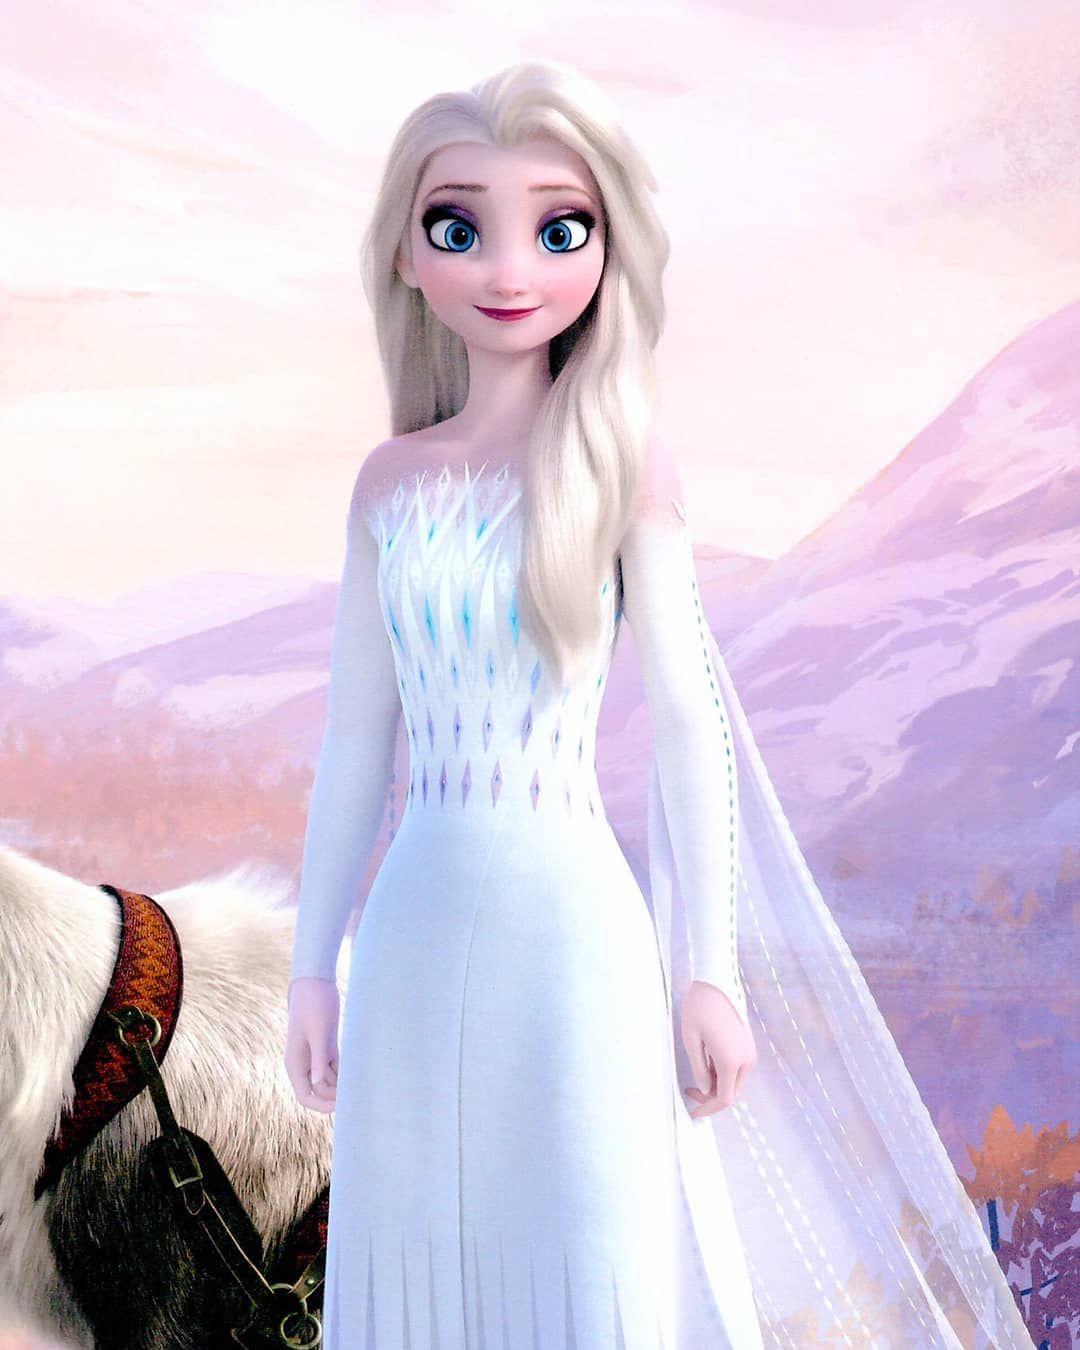 Pin Oleh Yulyadiatmawjaya Di Frozen 2 Dengan Gambar